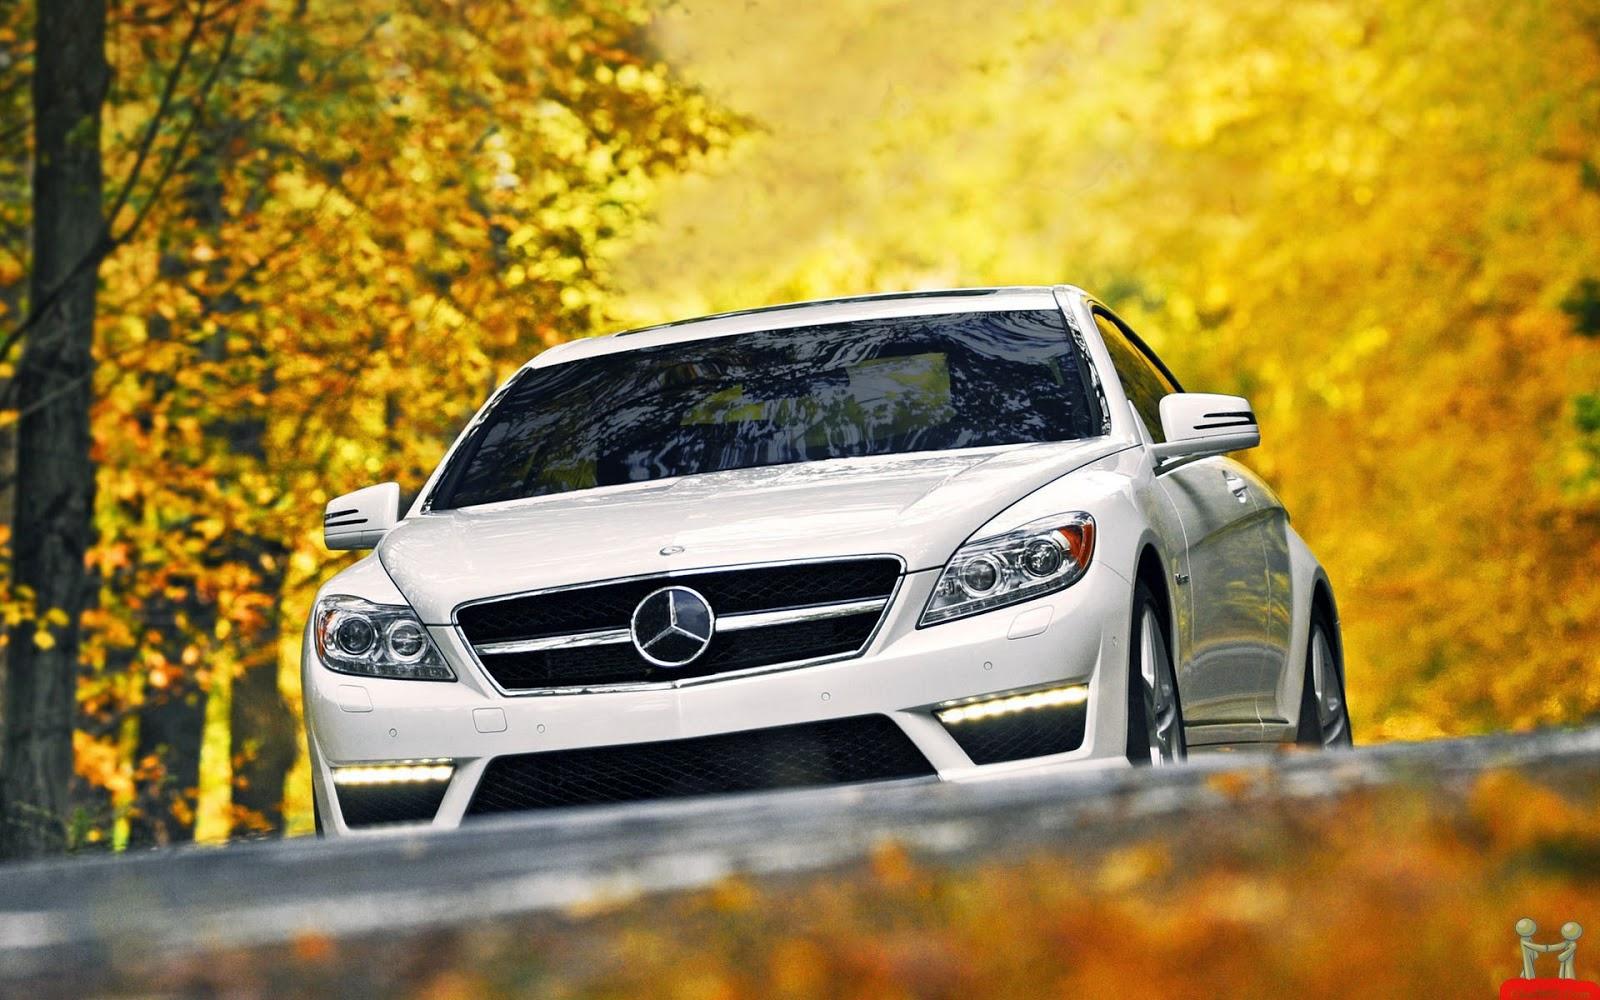 Mercedes Benz Sls Car  Free Hd Wallpapers  Cars Wallpaper